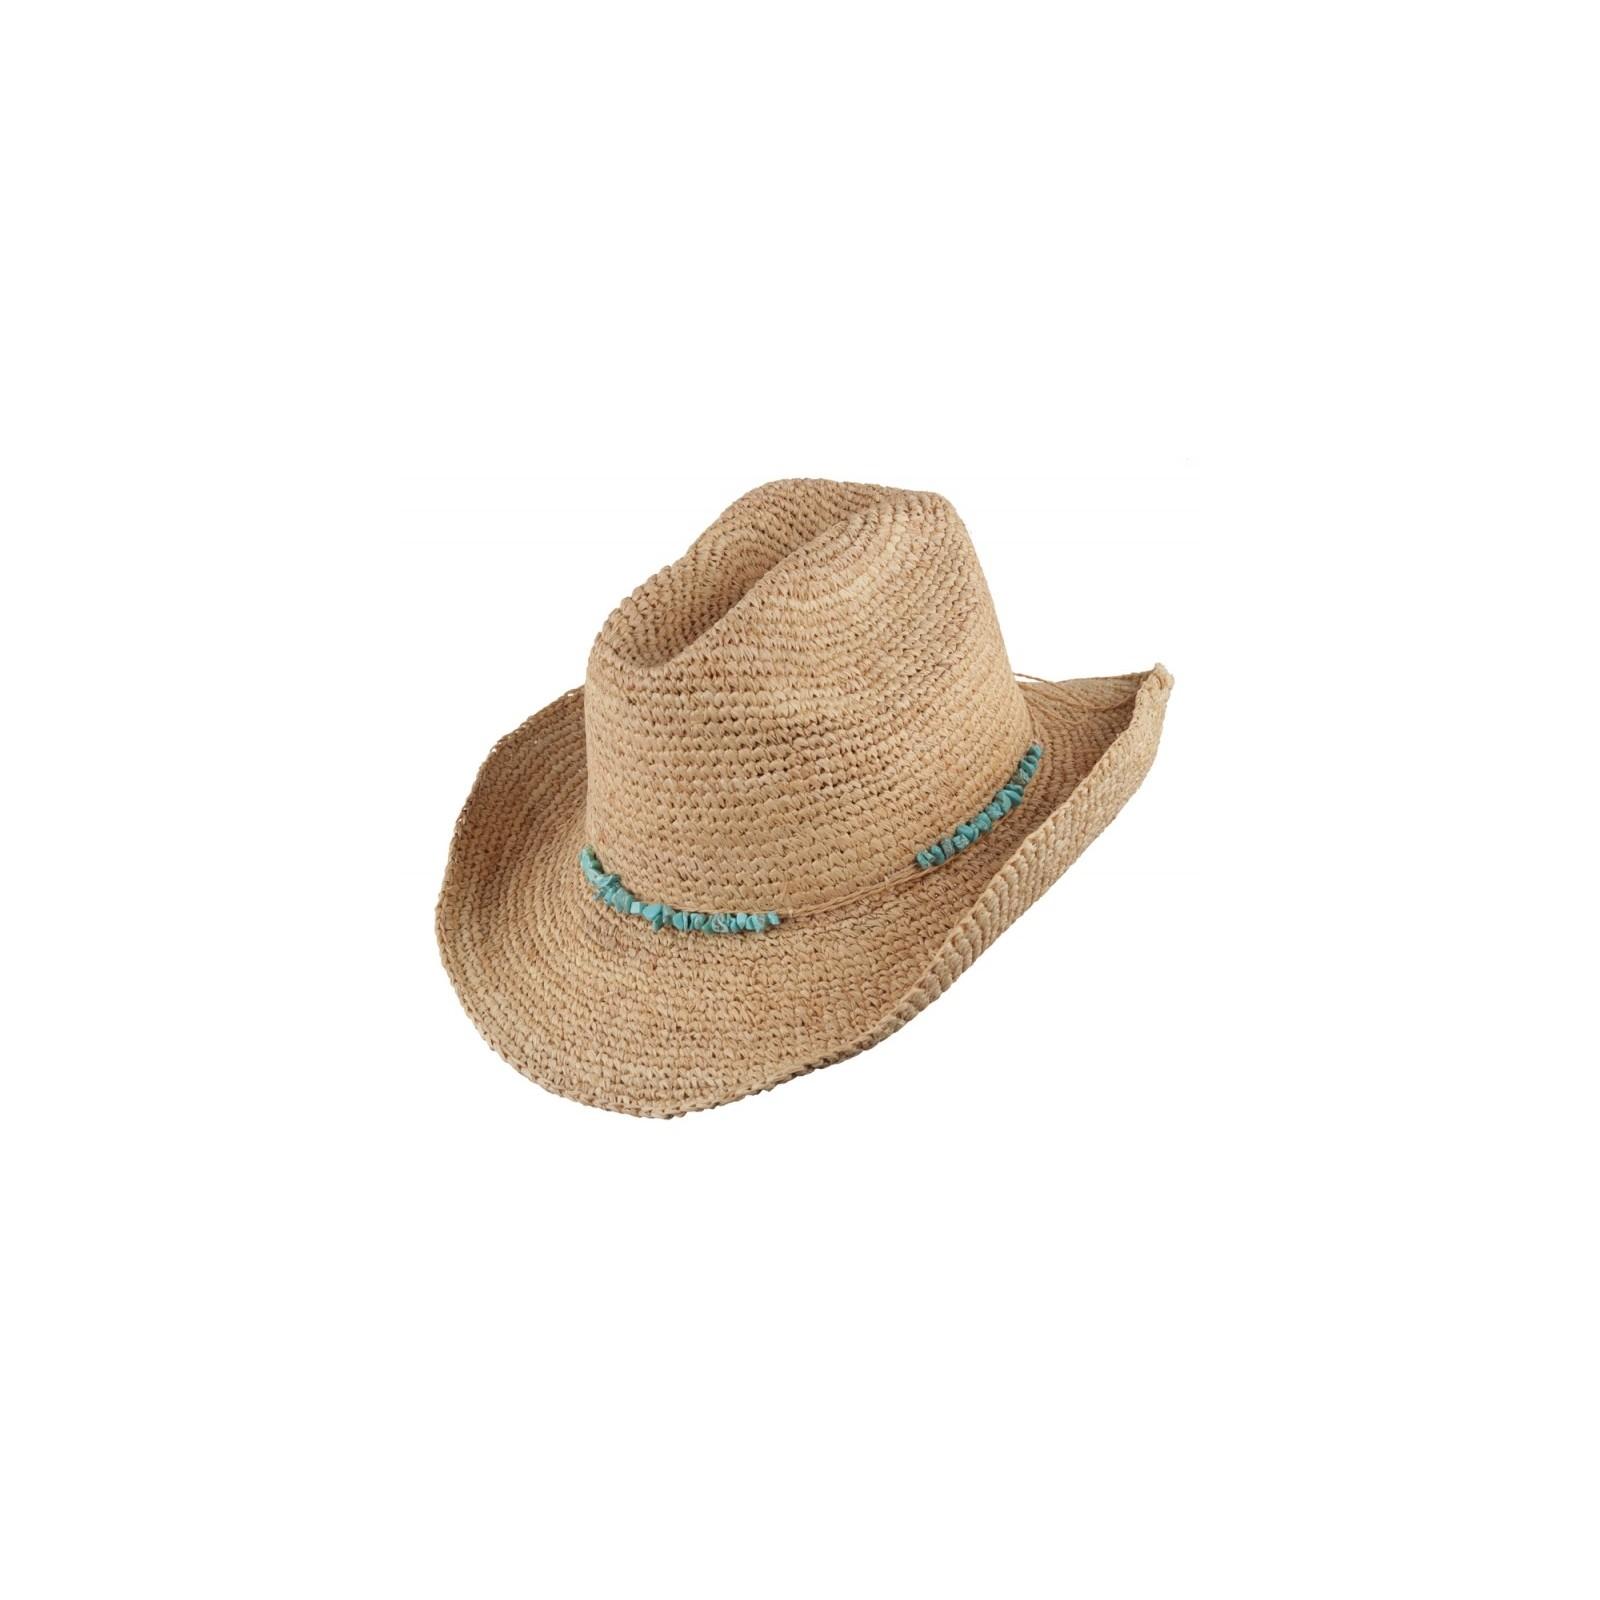 Scippis Bondi hat